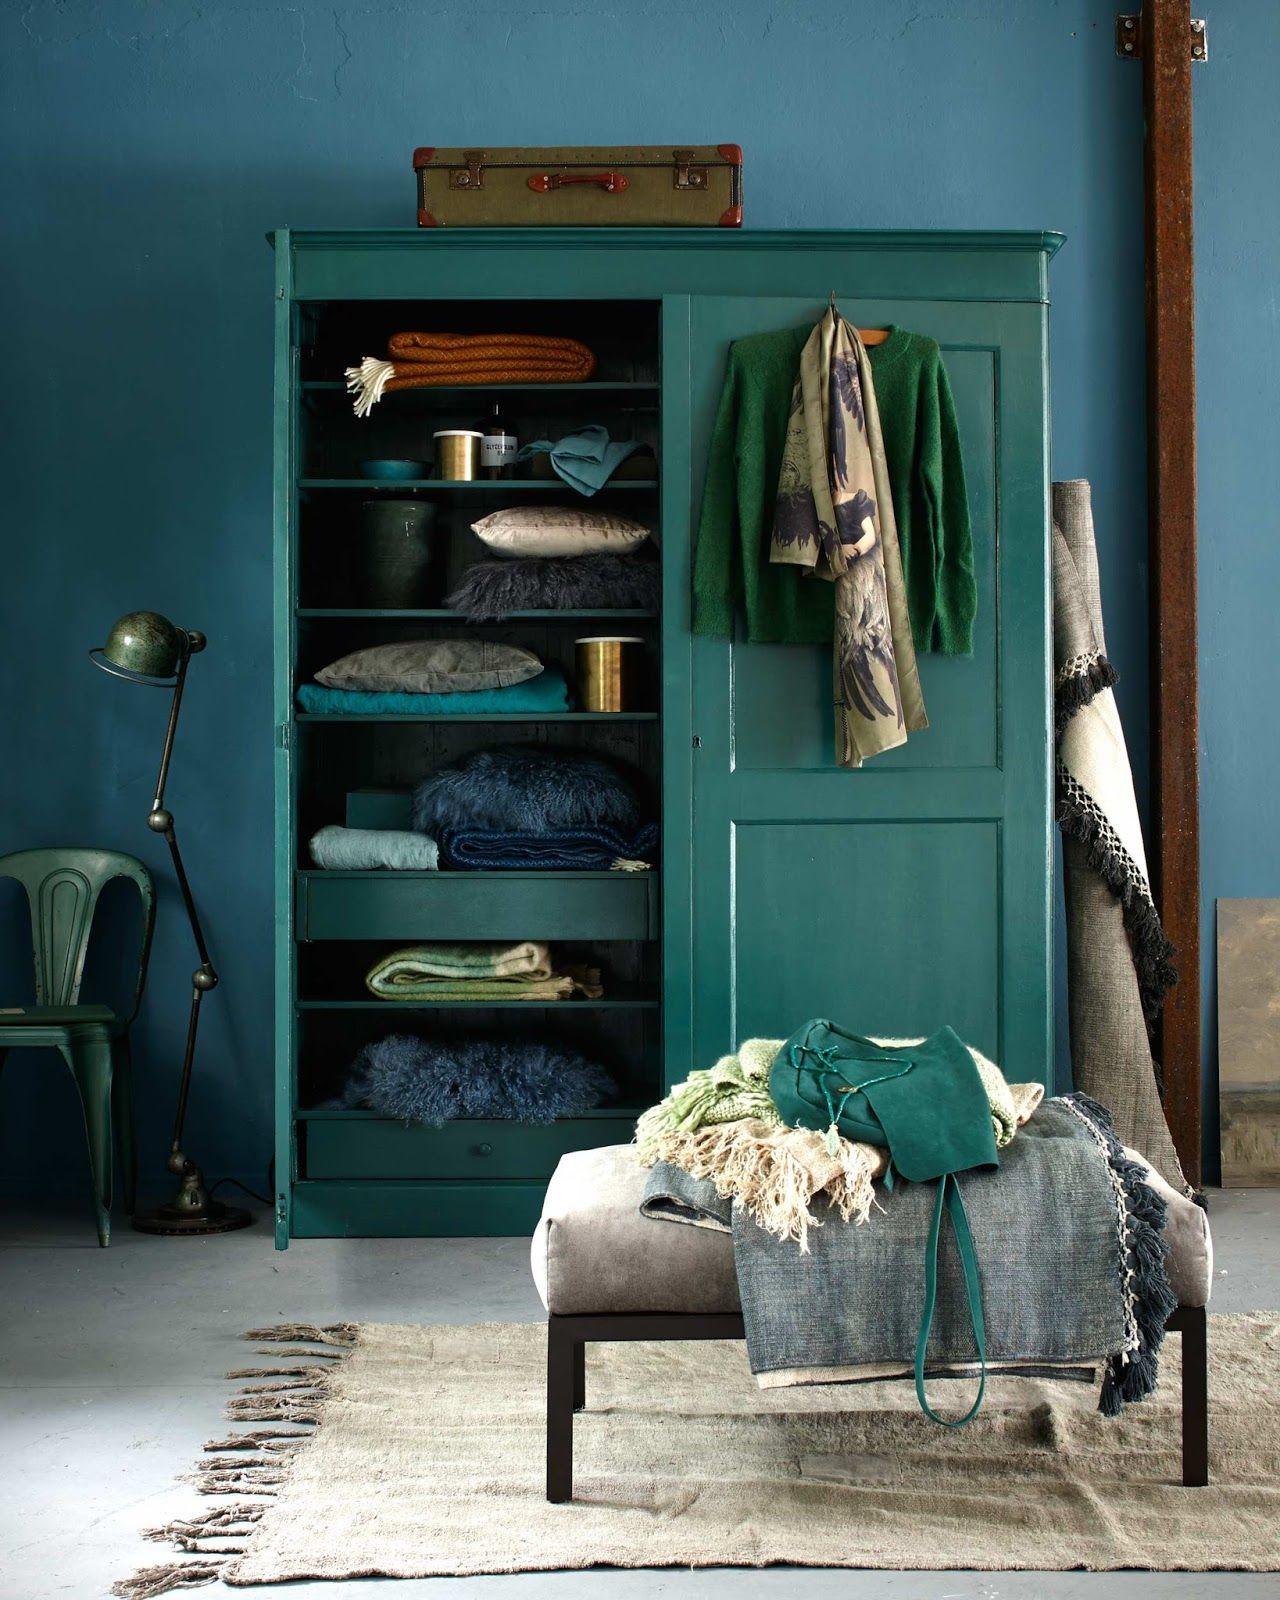 m bel leuchten und accessoires in t rkis wohnen und einrichten in sanften gr nt nen. Black Bedroom Furniture Sets. Home Design Ideas